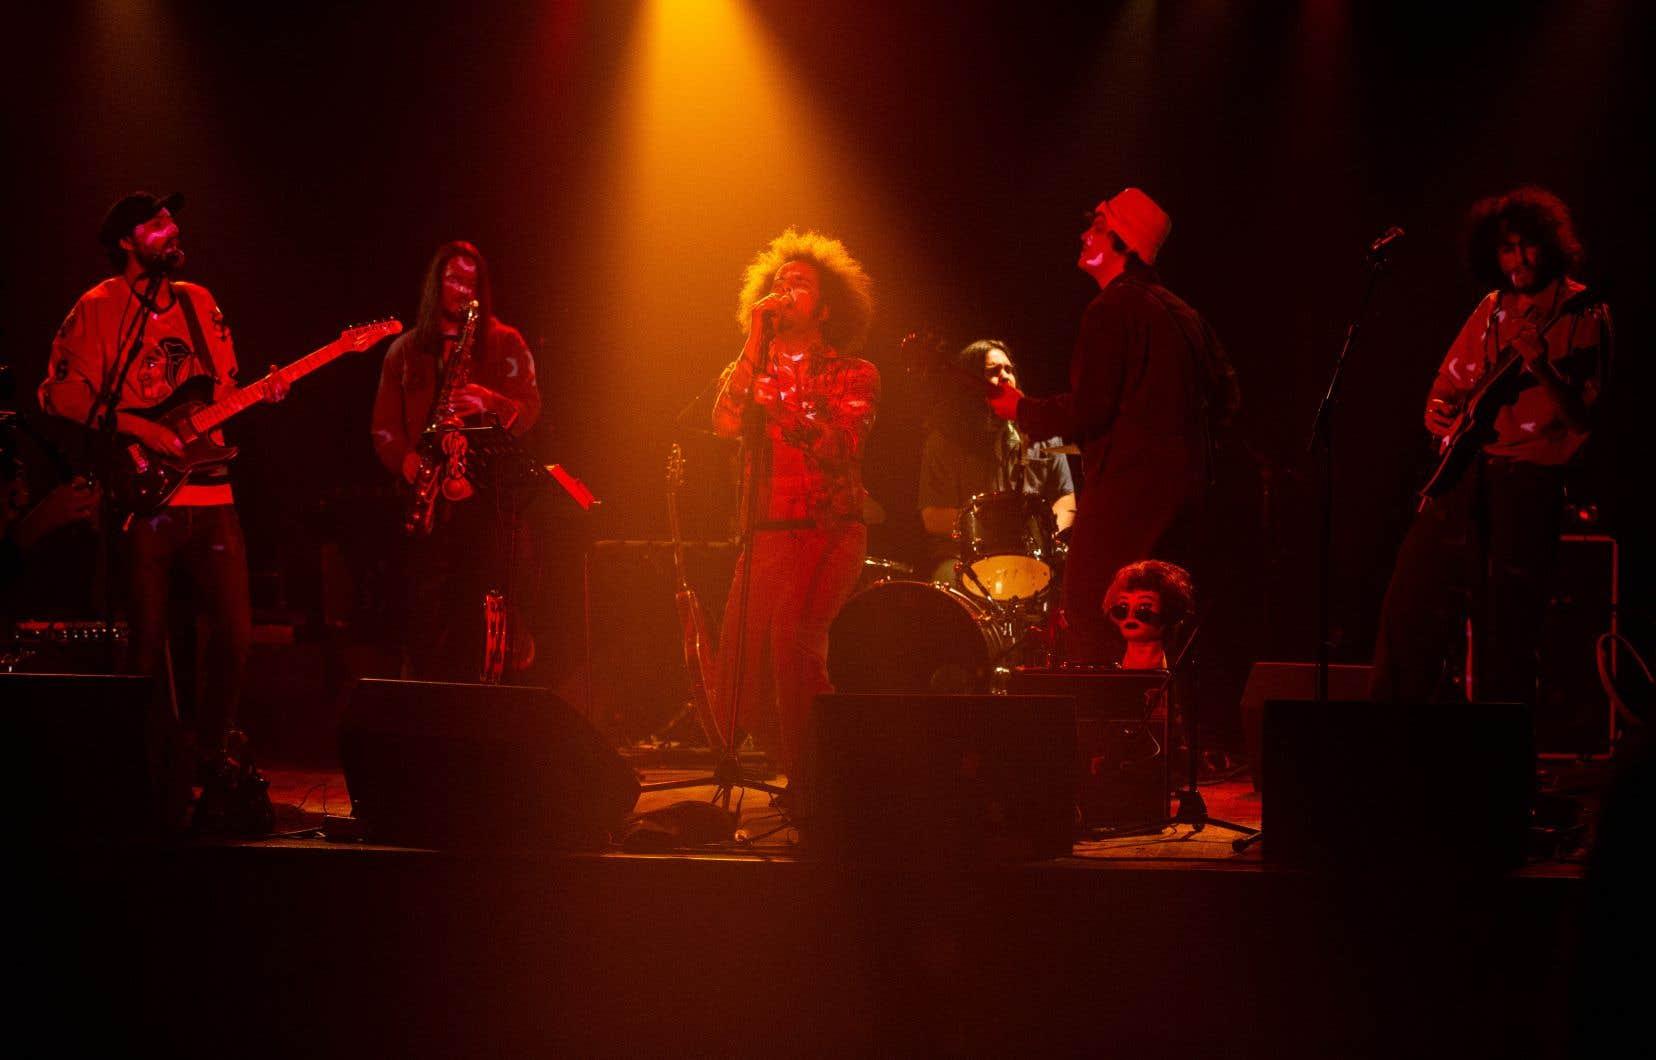 Le groupe Sylvie a servi lundi soir un beau rock psychédélique teinté de blues, assorti de saxophone, mais confondant sur le plan de la structure. La magnétique présence, au micro autant qu'à l'harmonica, de l'incandescent chanteur, guitariste et harmoniciste Anis Azzoug a servi d'ancre à ces chansons risquant de manquer le prochain arrêt de l'autobus magique.